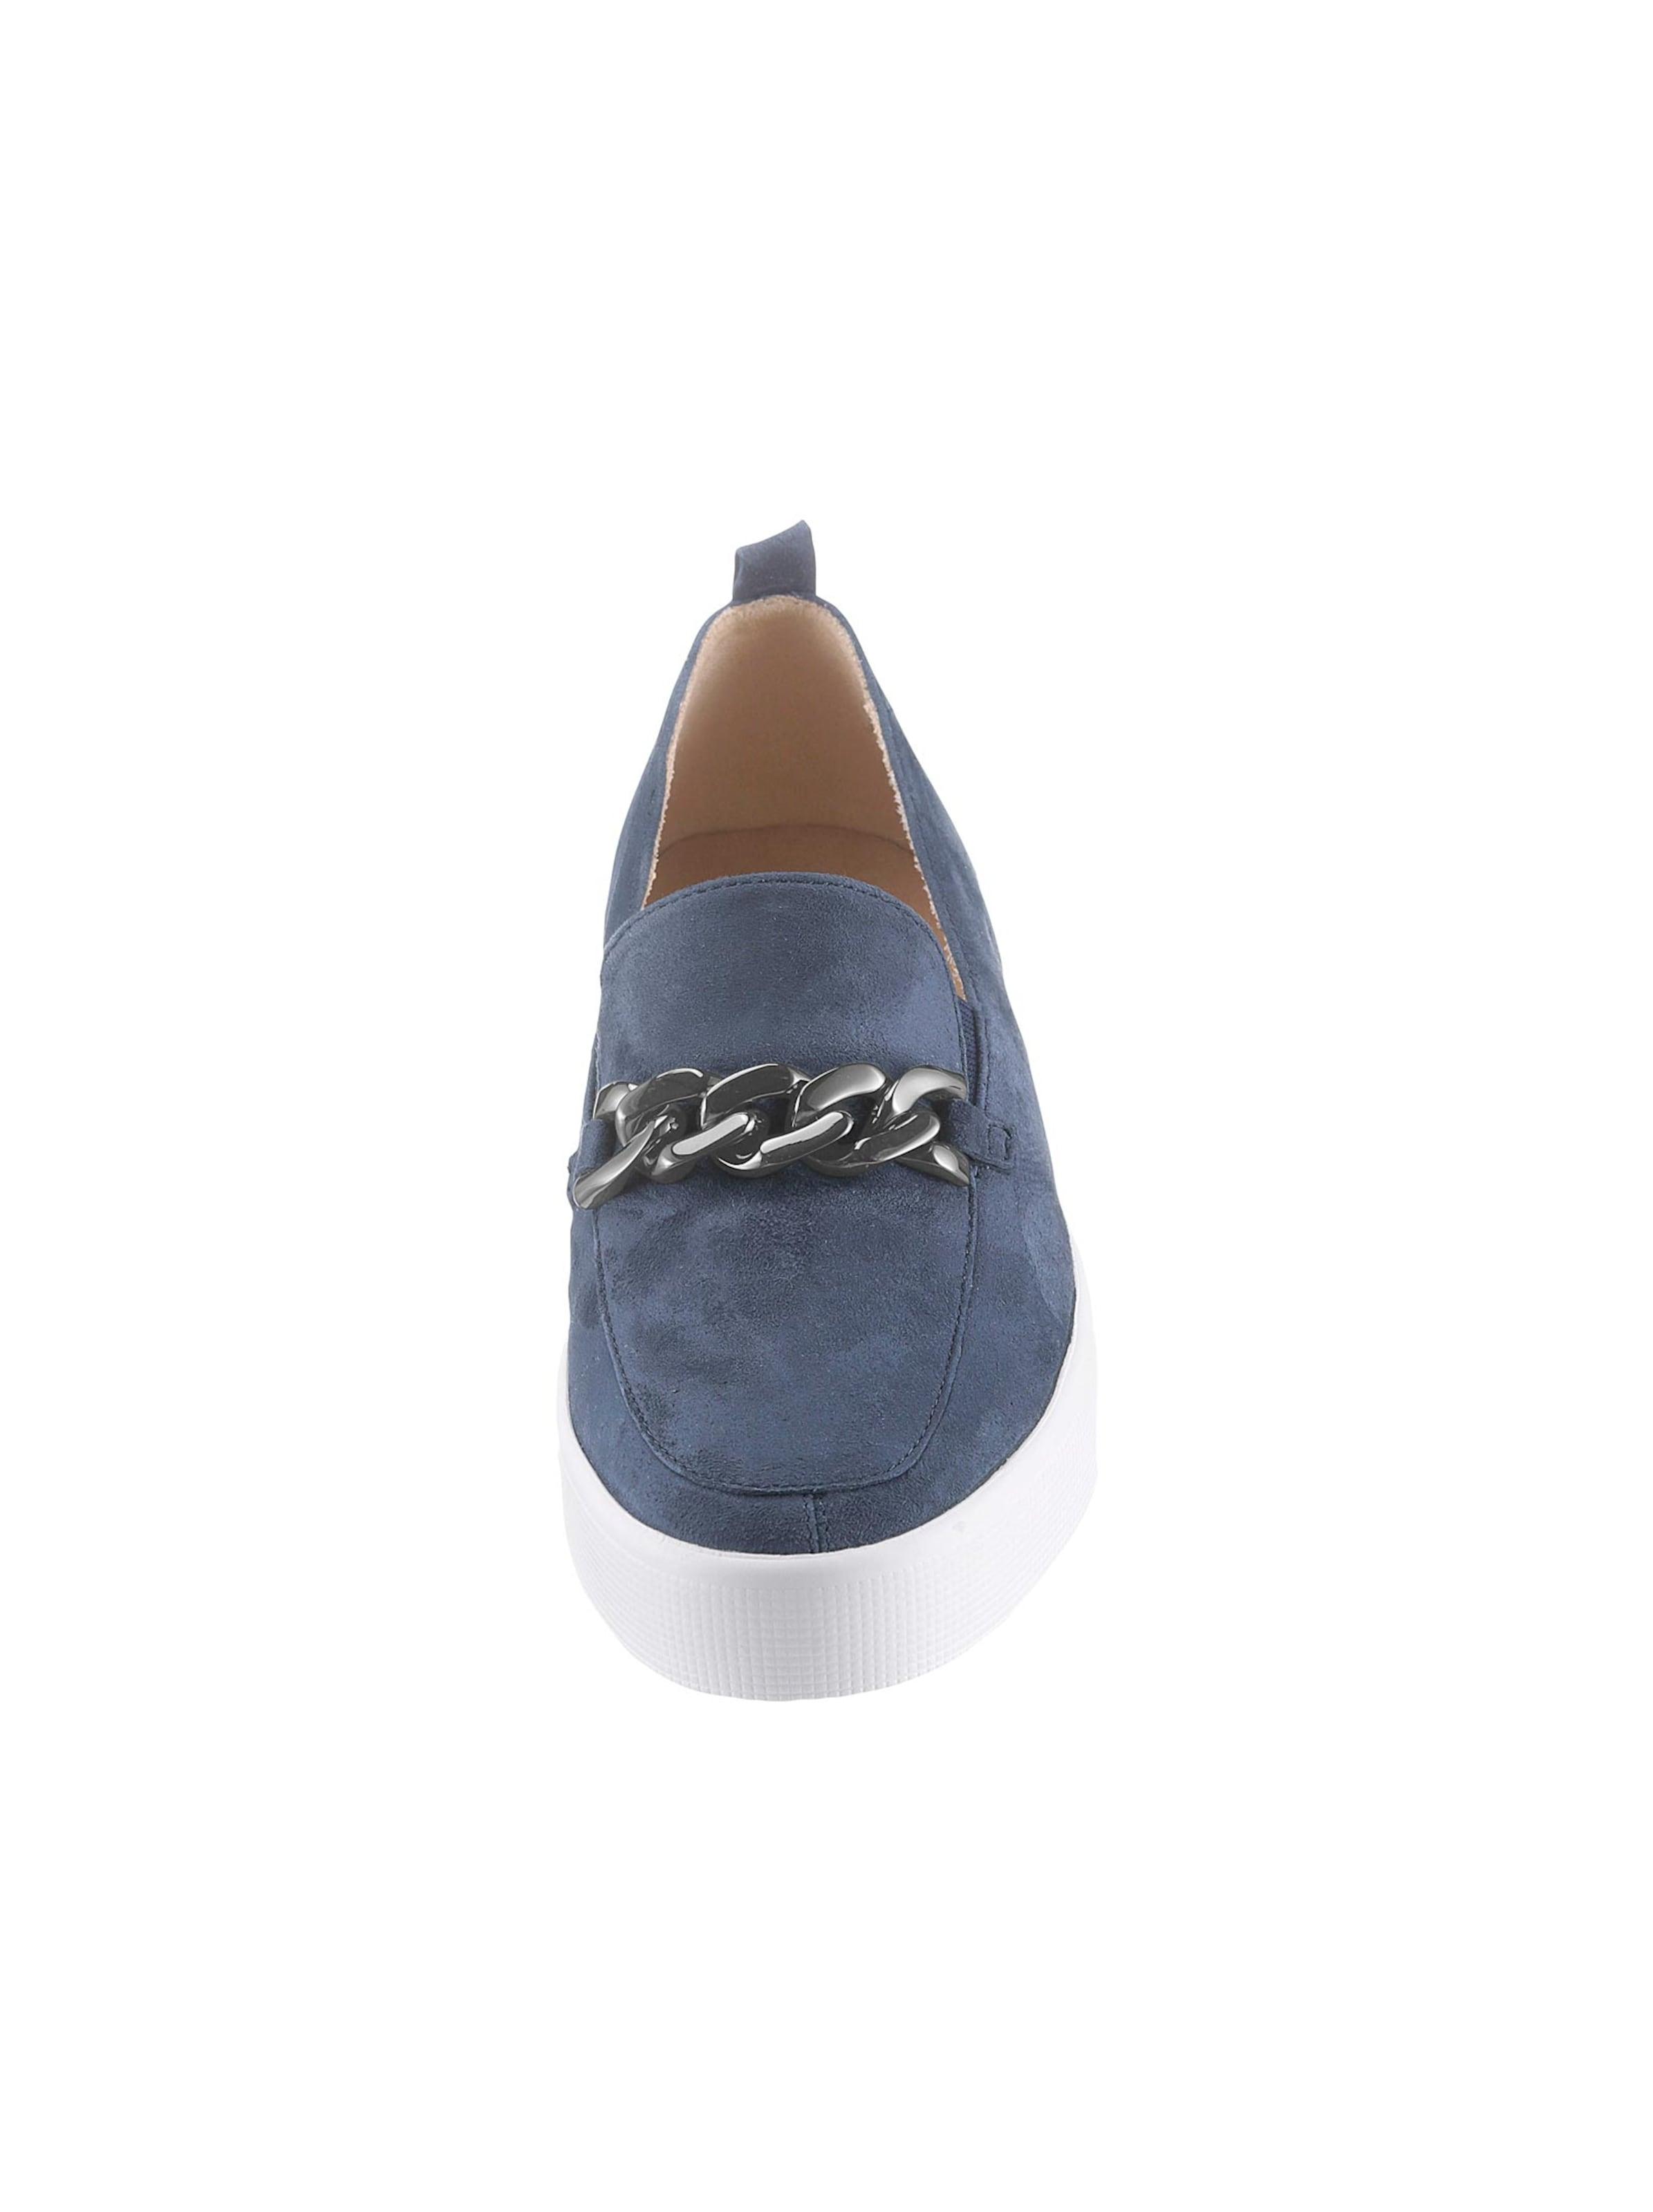 caprice - Damen Slipper blau